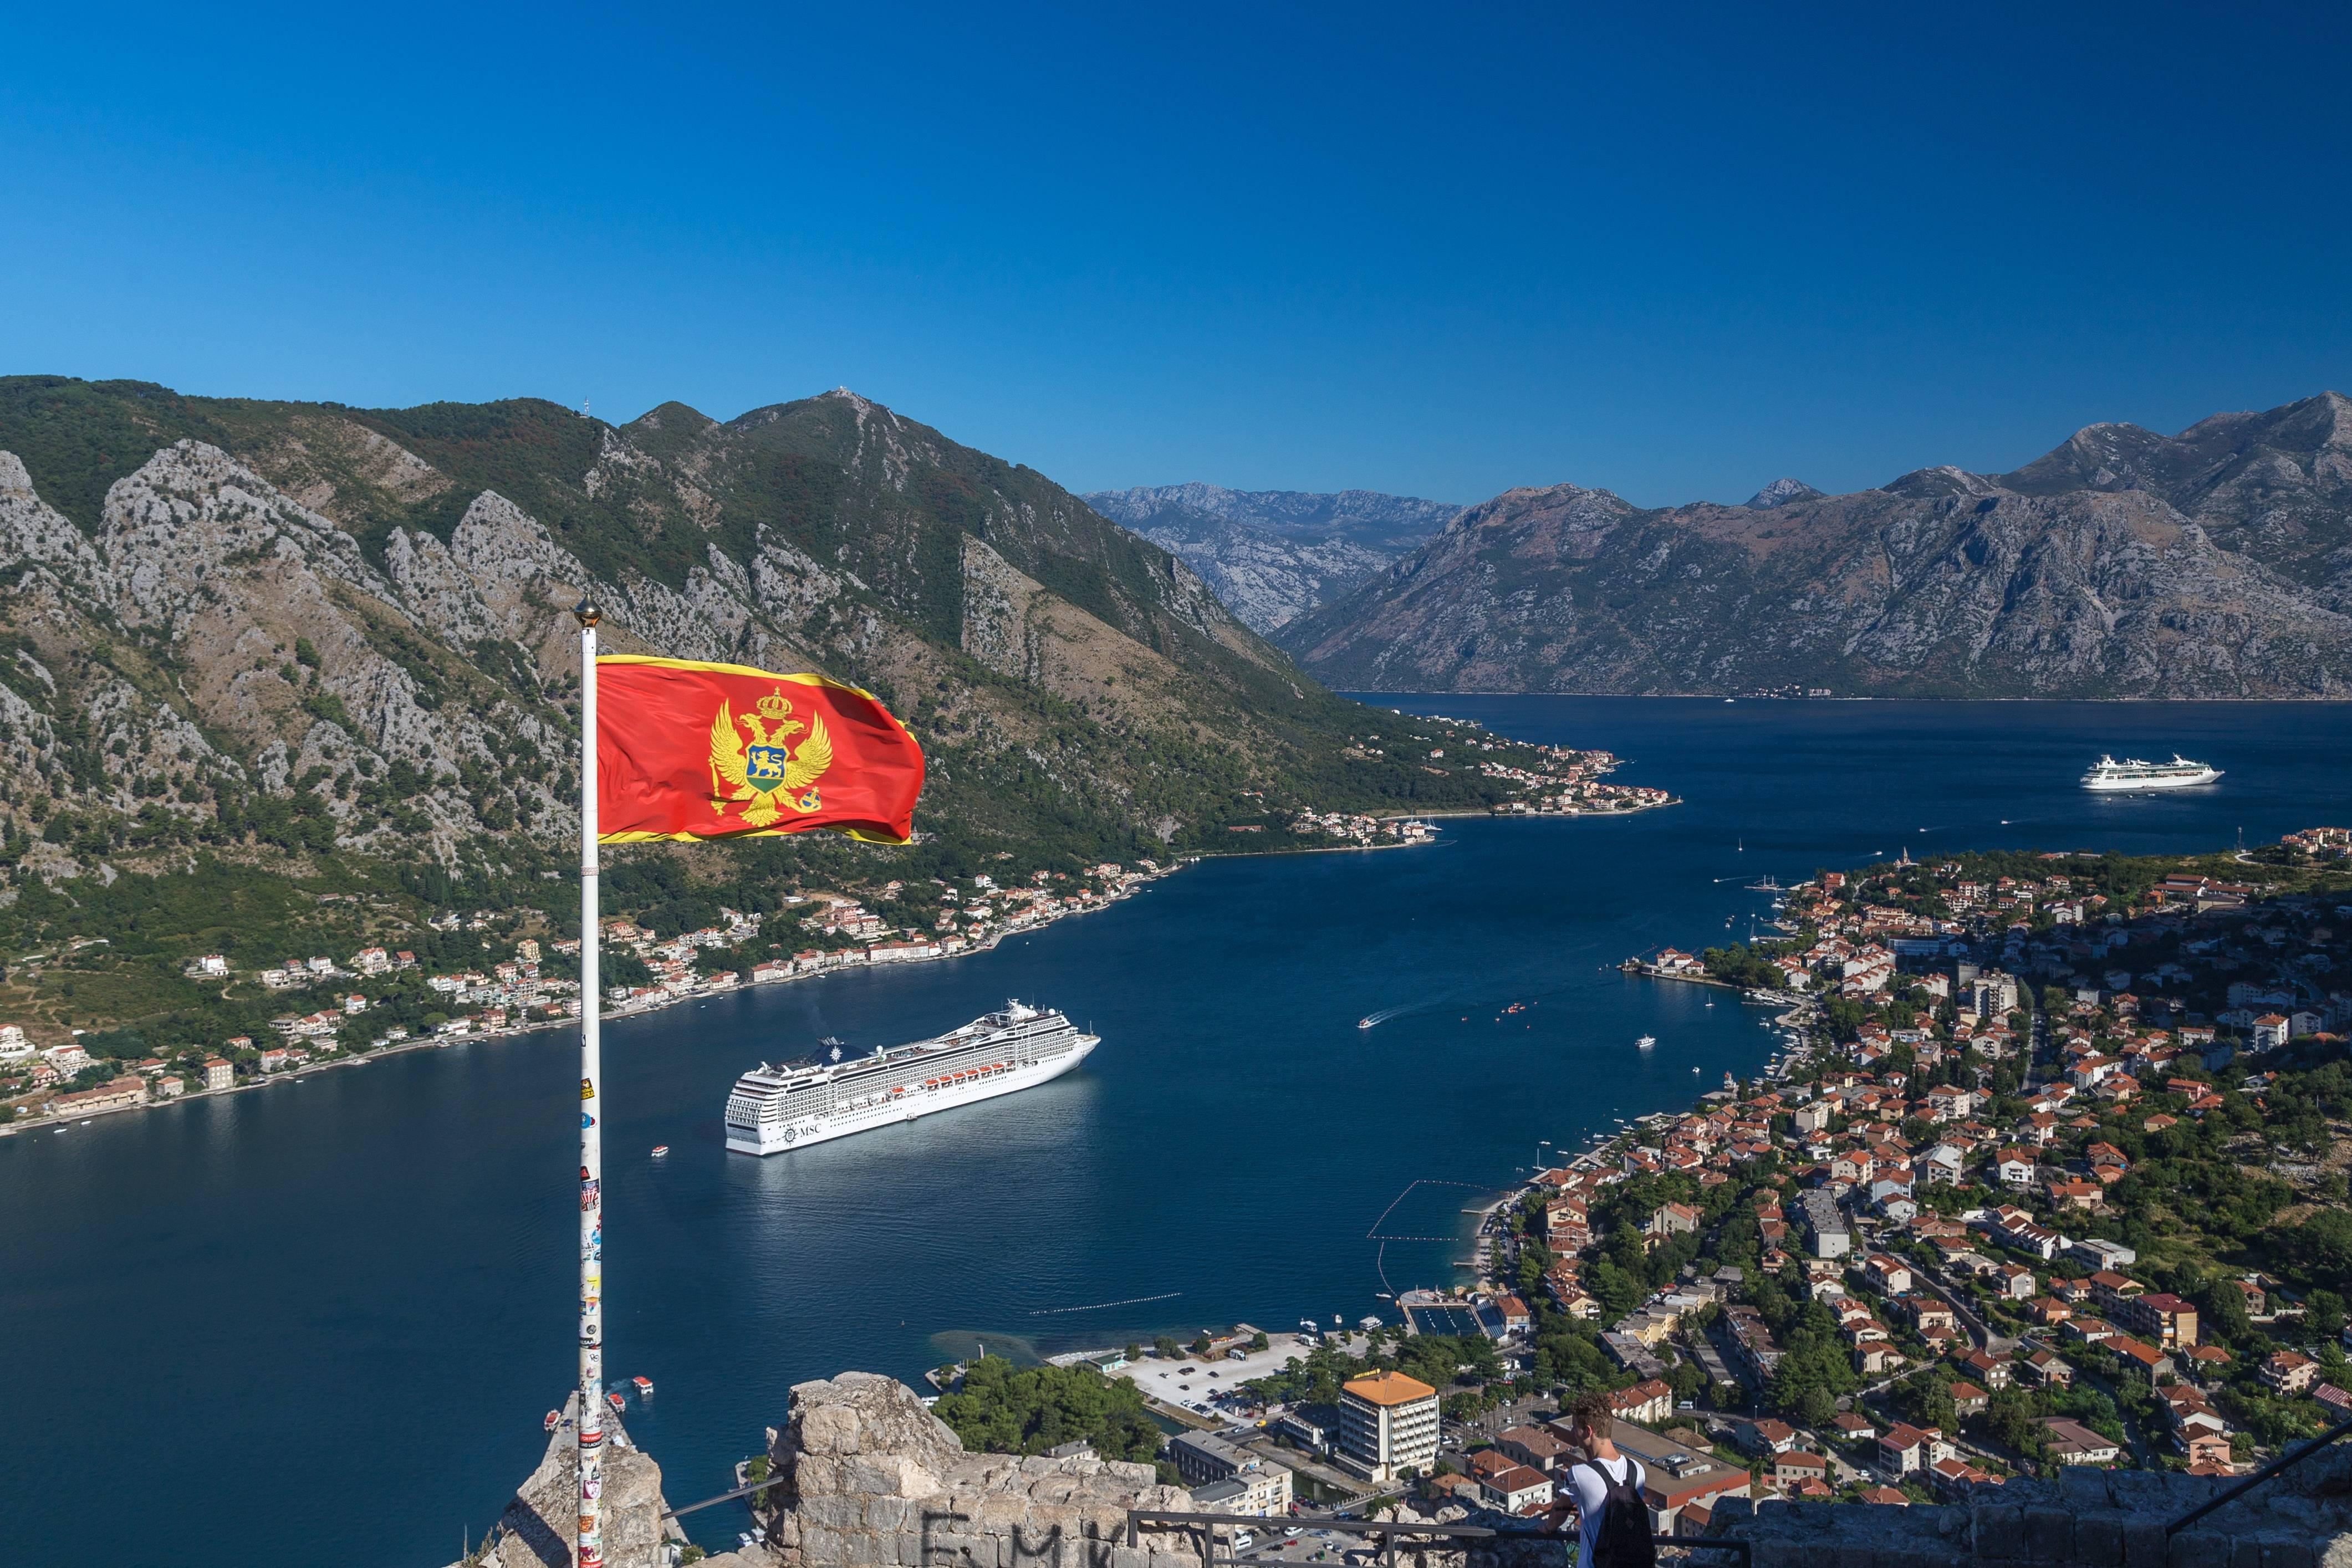 Цены в черногории: на продукты, проживание, транспорт